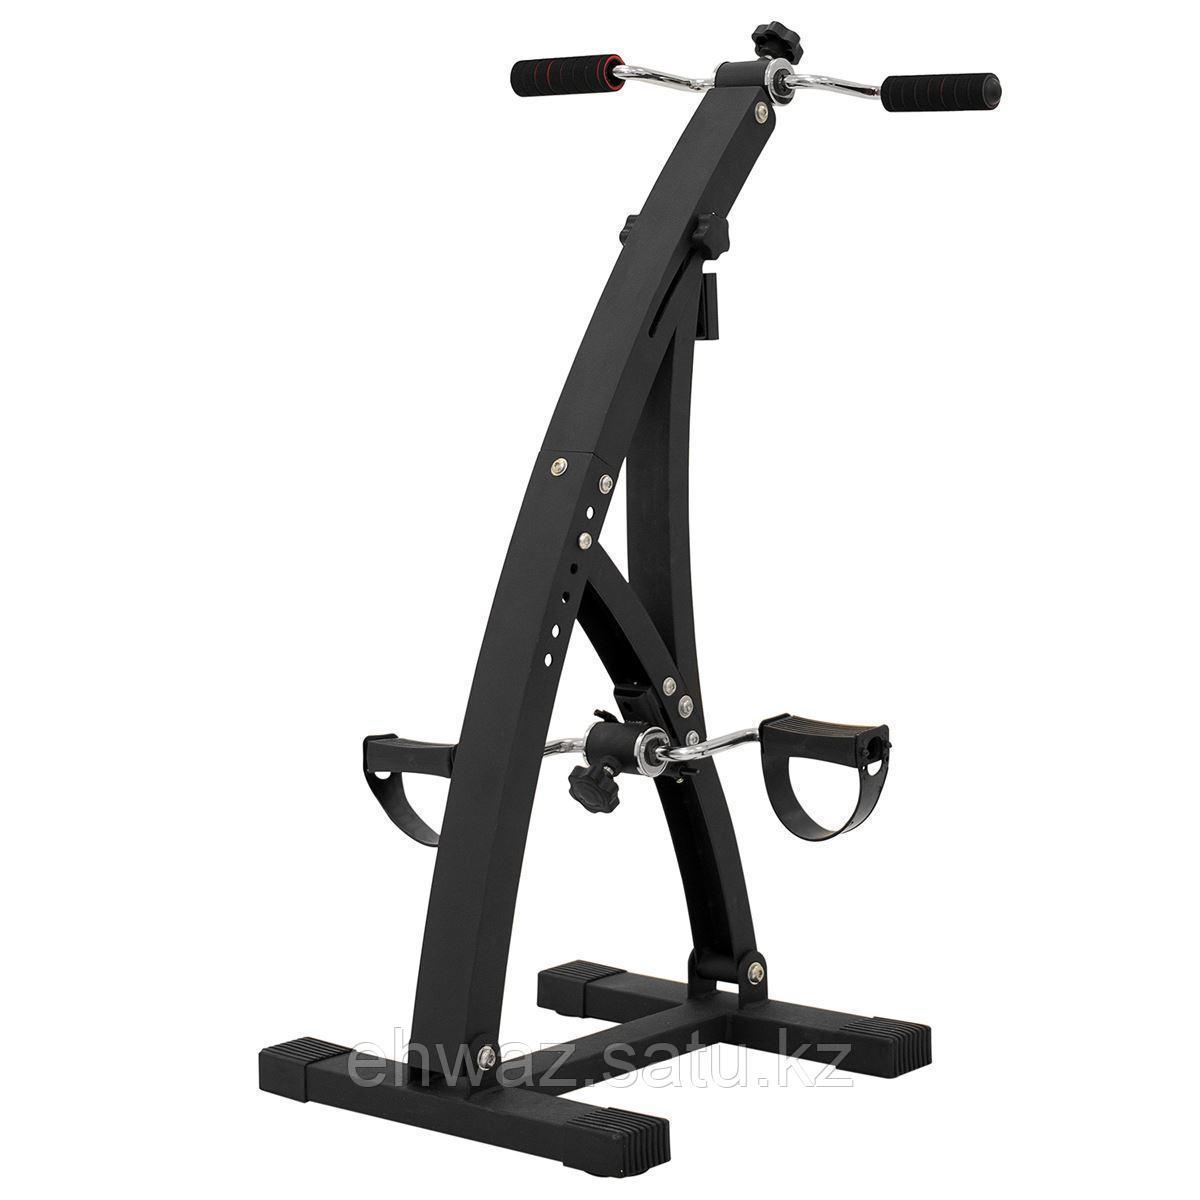 Реабилитационный велосипед-тренажер Dual Bike (Дуал Байк)